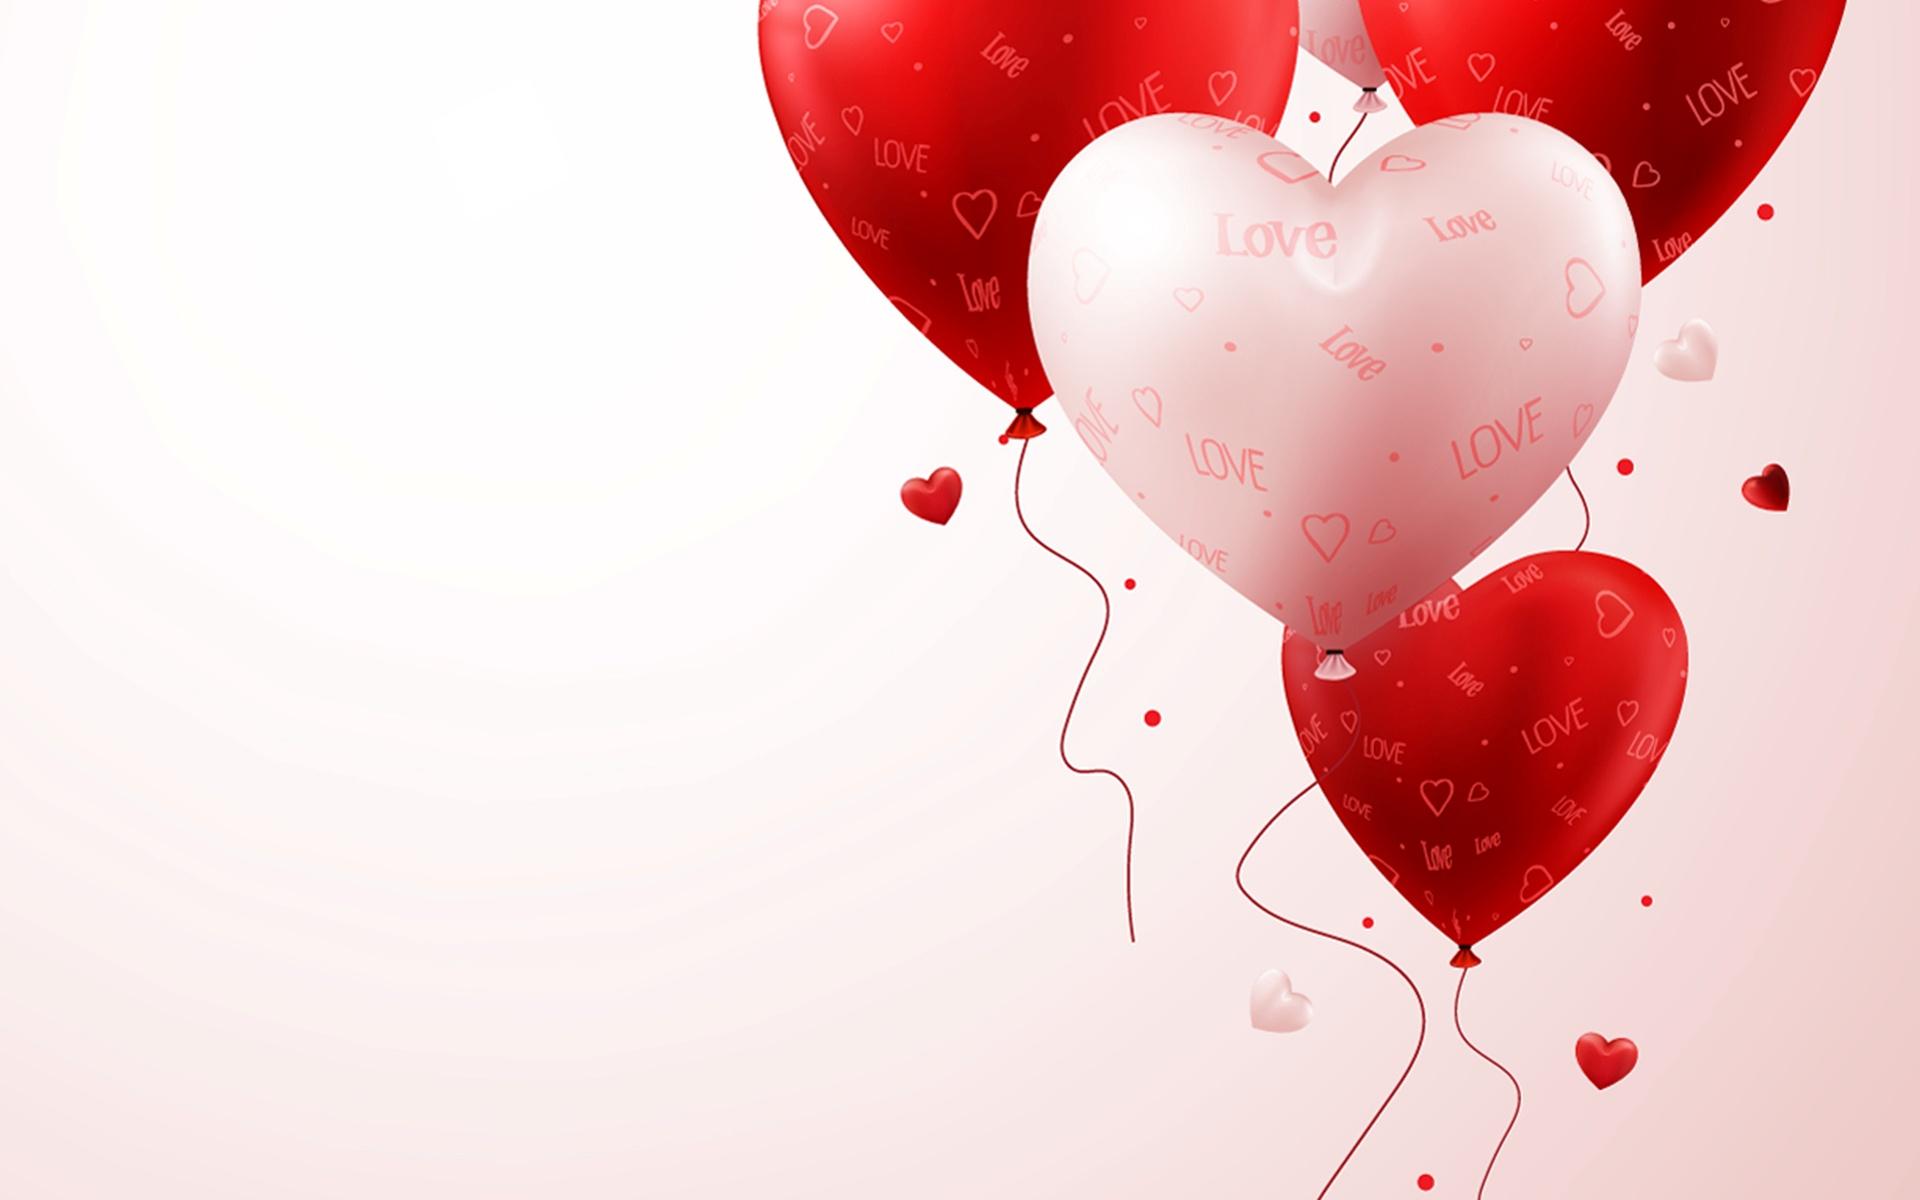 День Валентина 2020: привітання, картинки, фільми та що подарувати у День закоханих